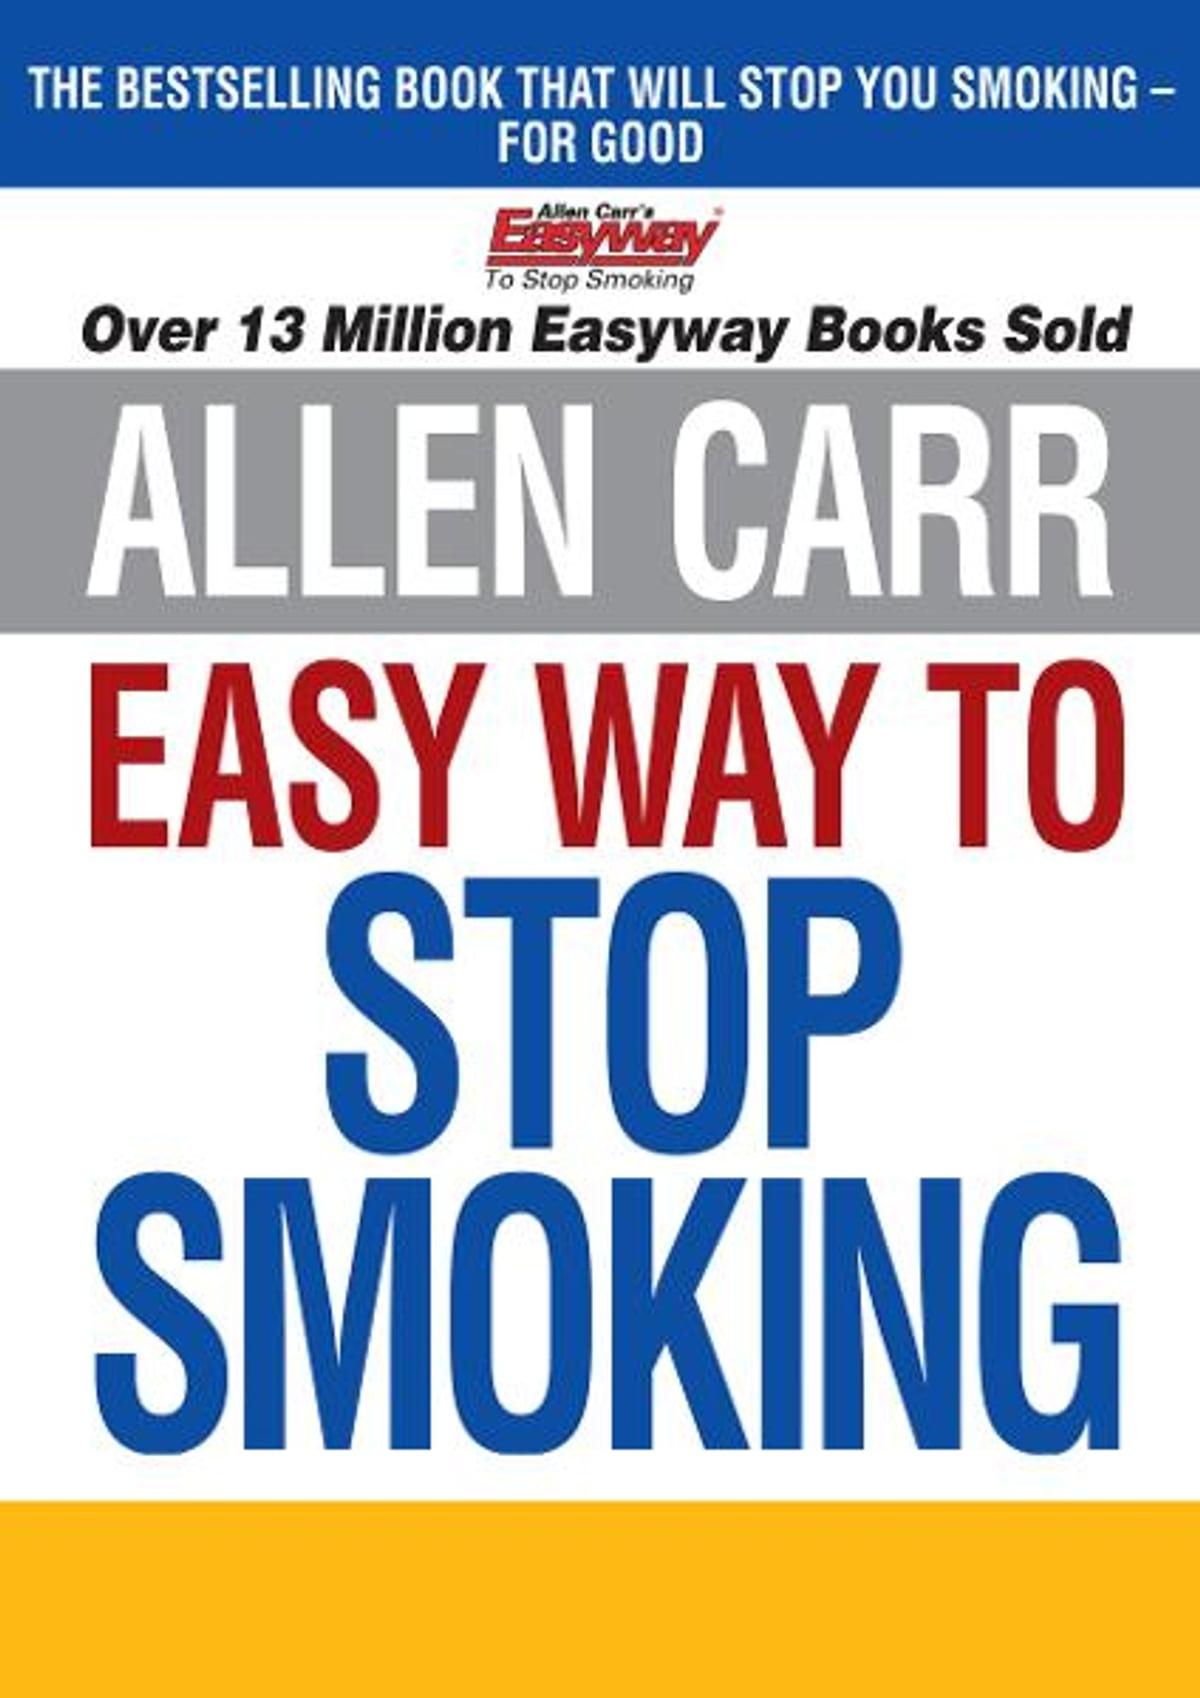 allen carr easyway instructions